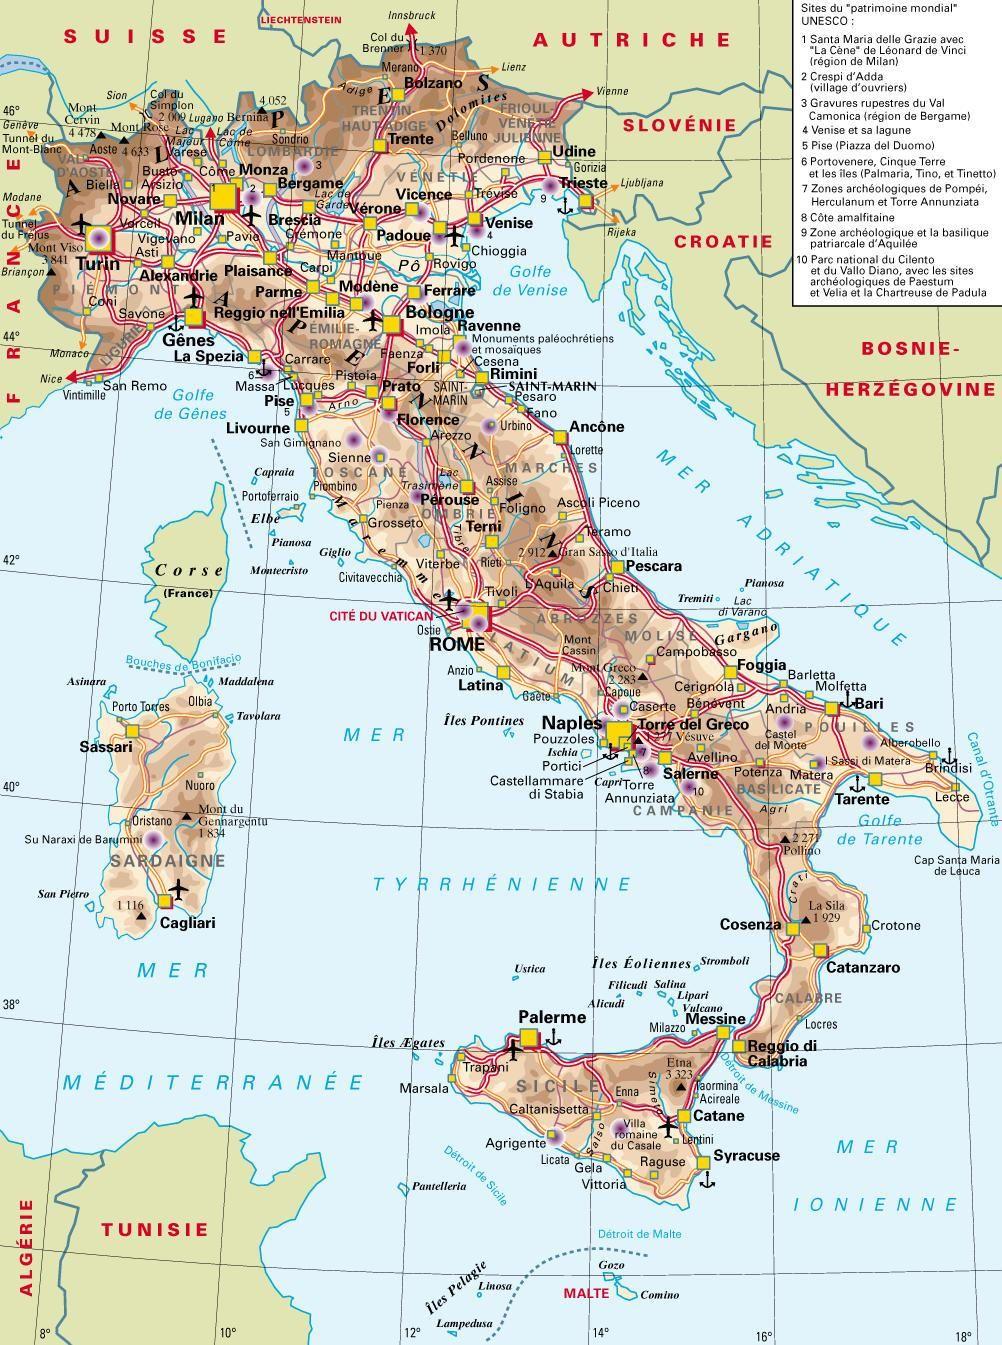 Bien connu Carte de l'Italie 1 360 km du nord au sud | ITALIE | Pinterest  LH51